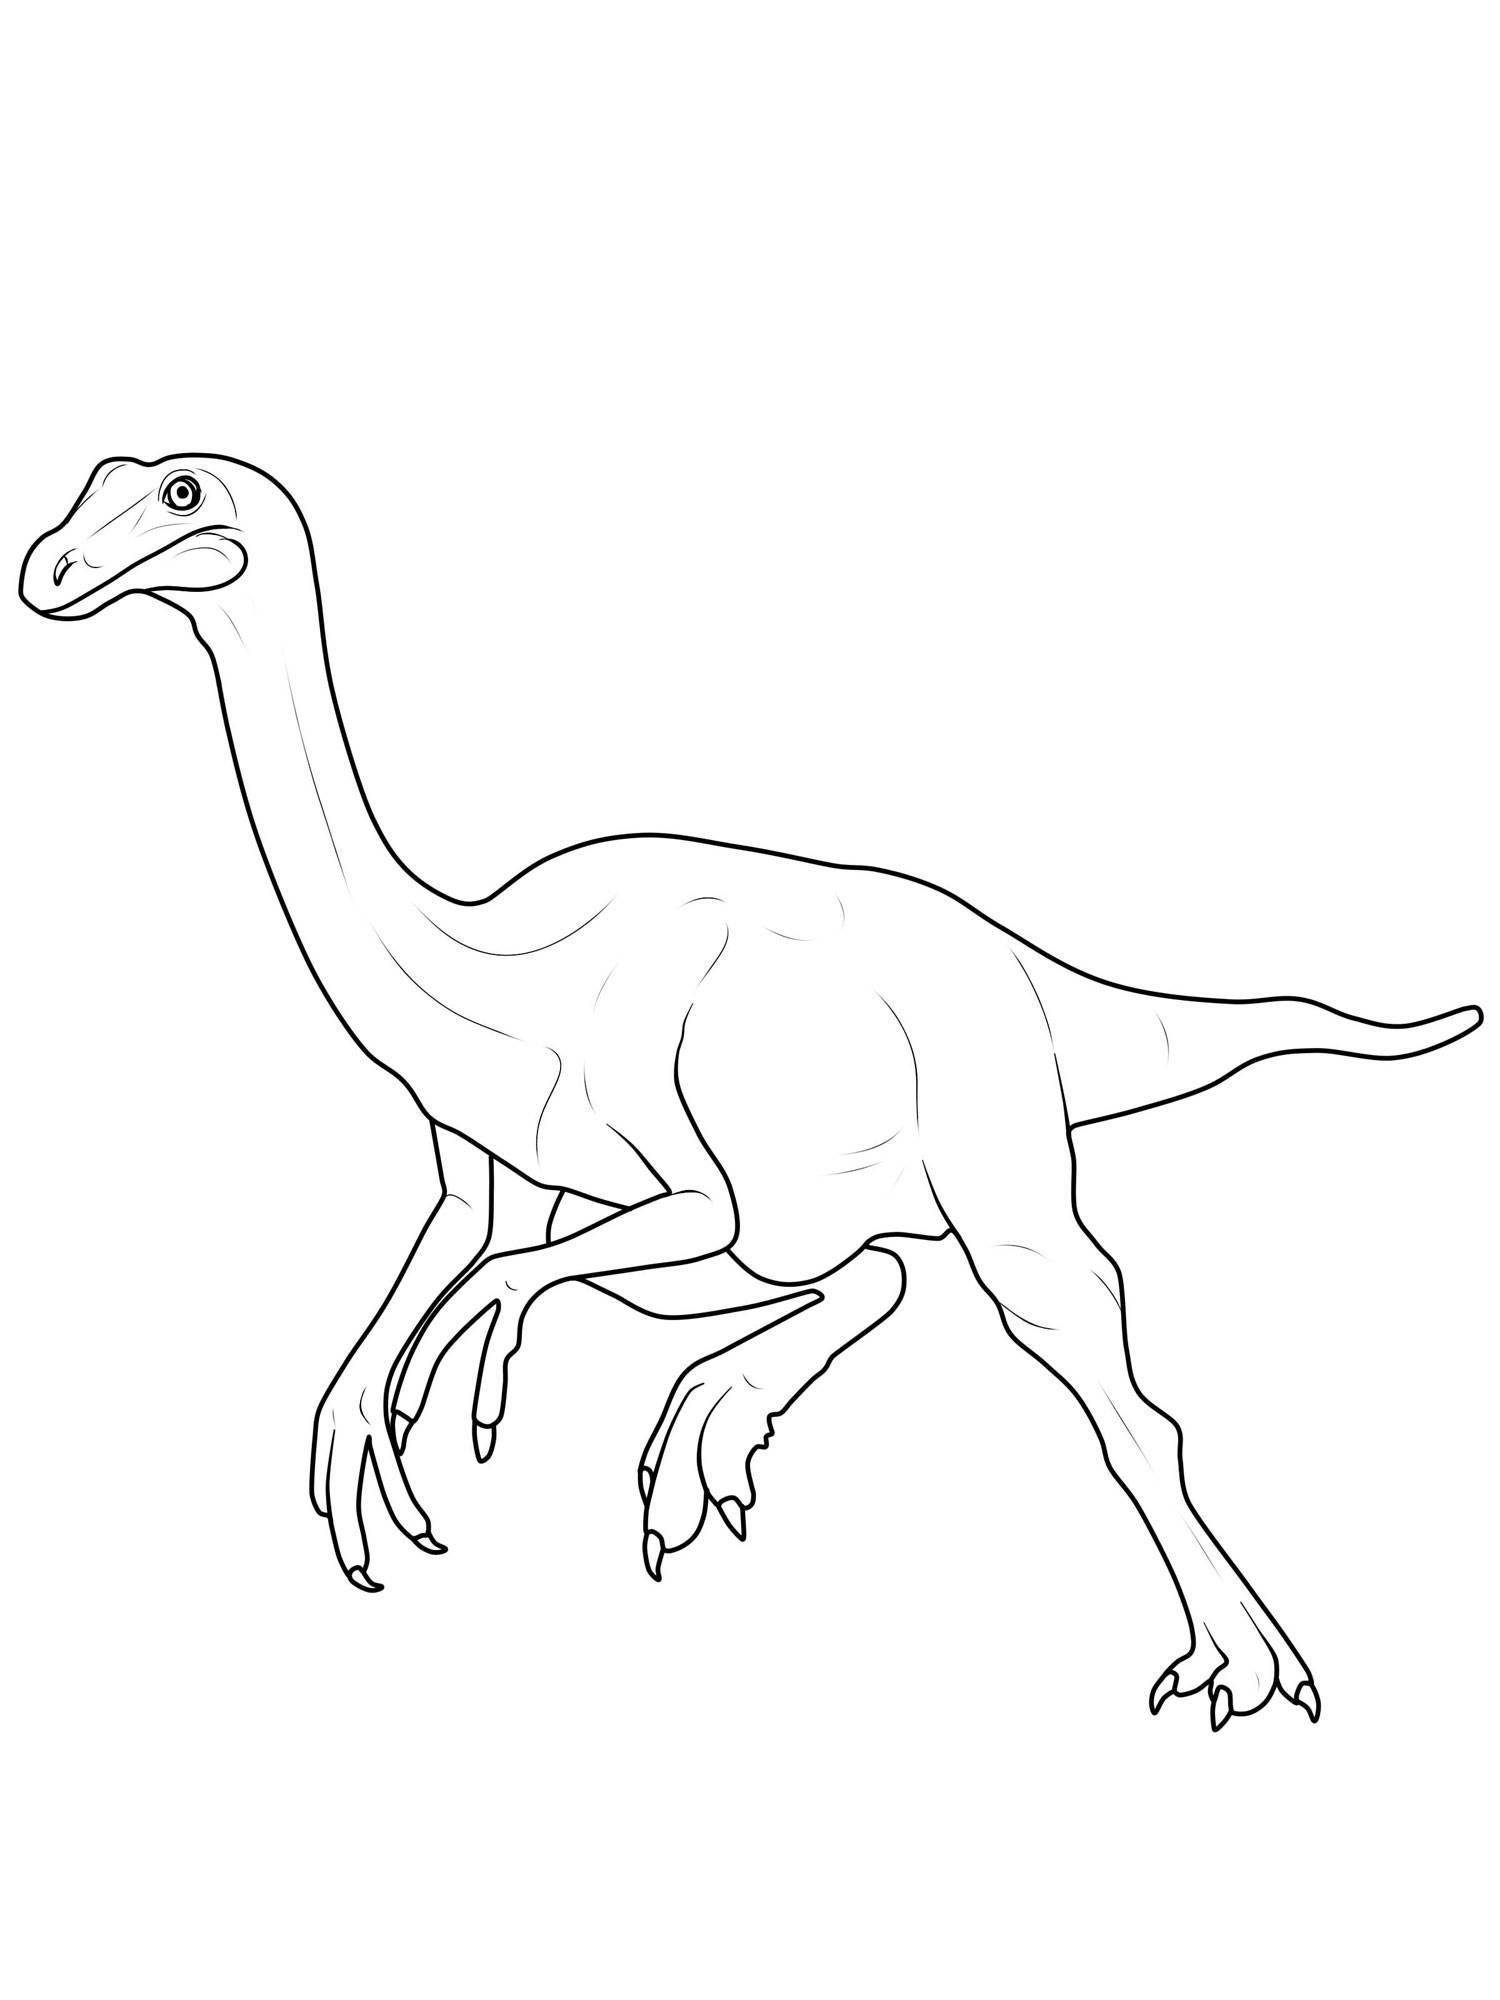 Ausmalbild Dinosaurier und Steinzeit Dinosaurier Gallimimus kostenlos ausdrucken